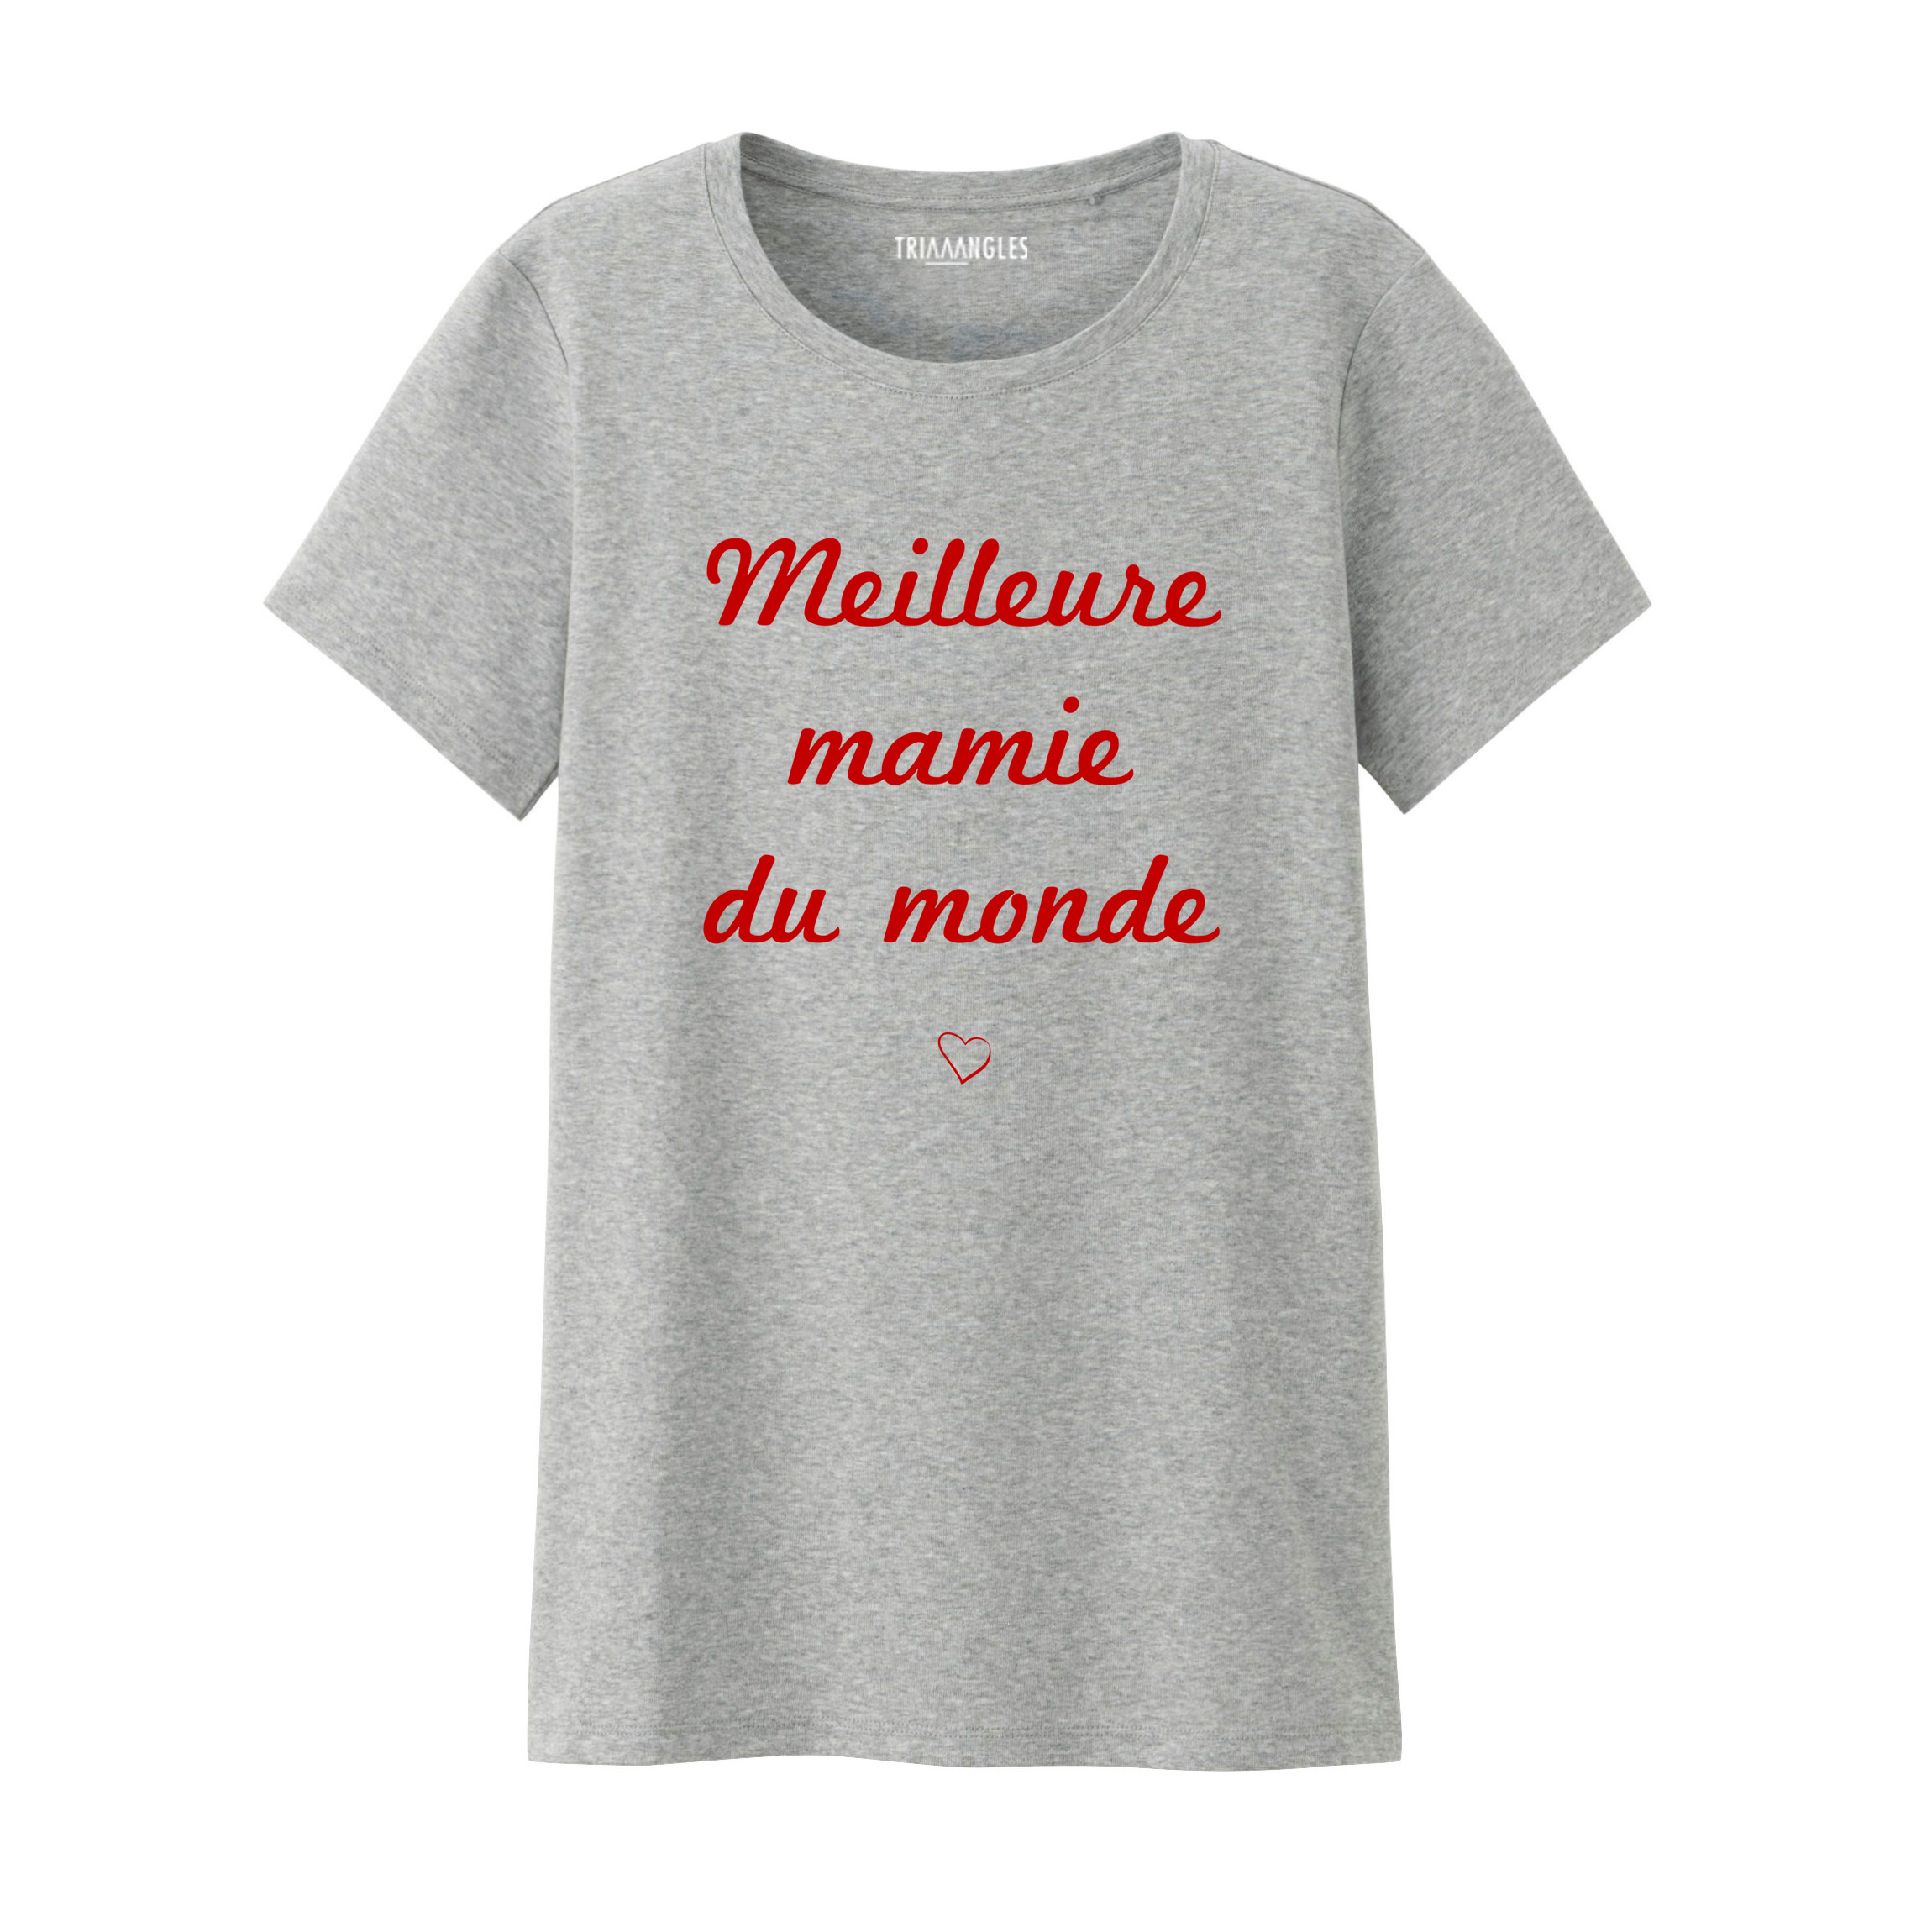 Tshirt Gris Chiné Meilleure Mamie - Coupe Femme - Artshop Triaaangles ® SiSi La Famille